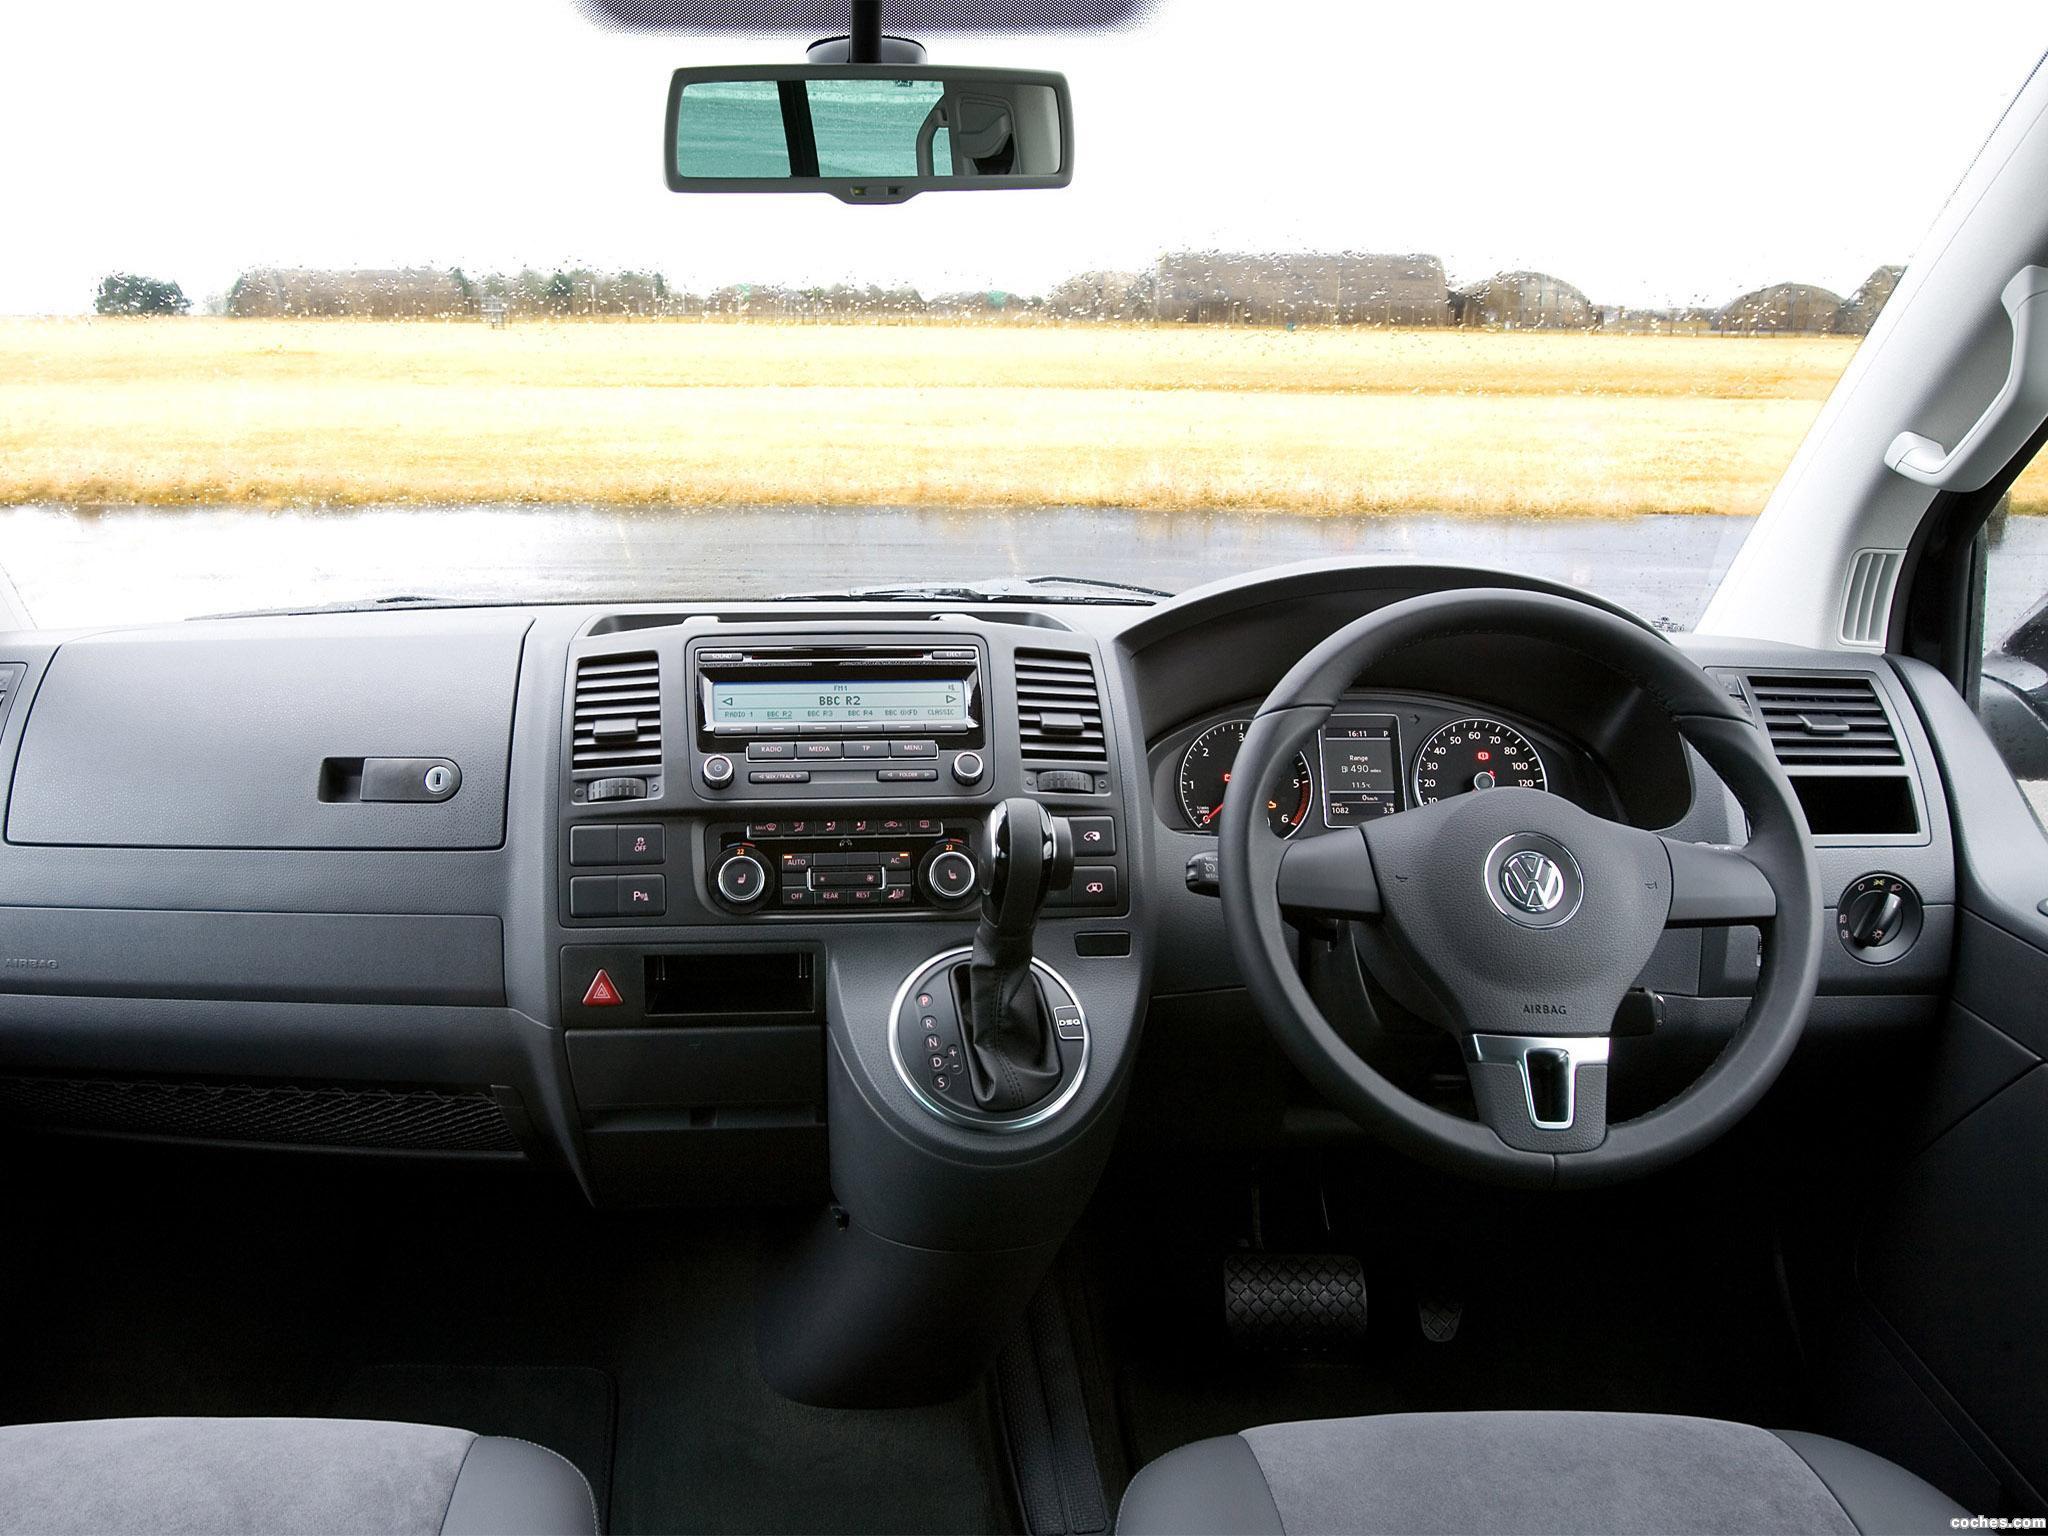 Foto 6 de Volkswagen T5 Caravelle UK 2009